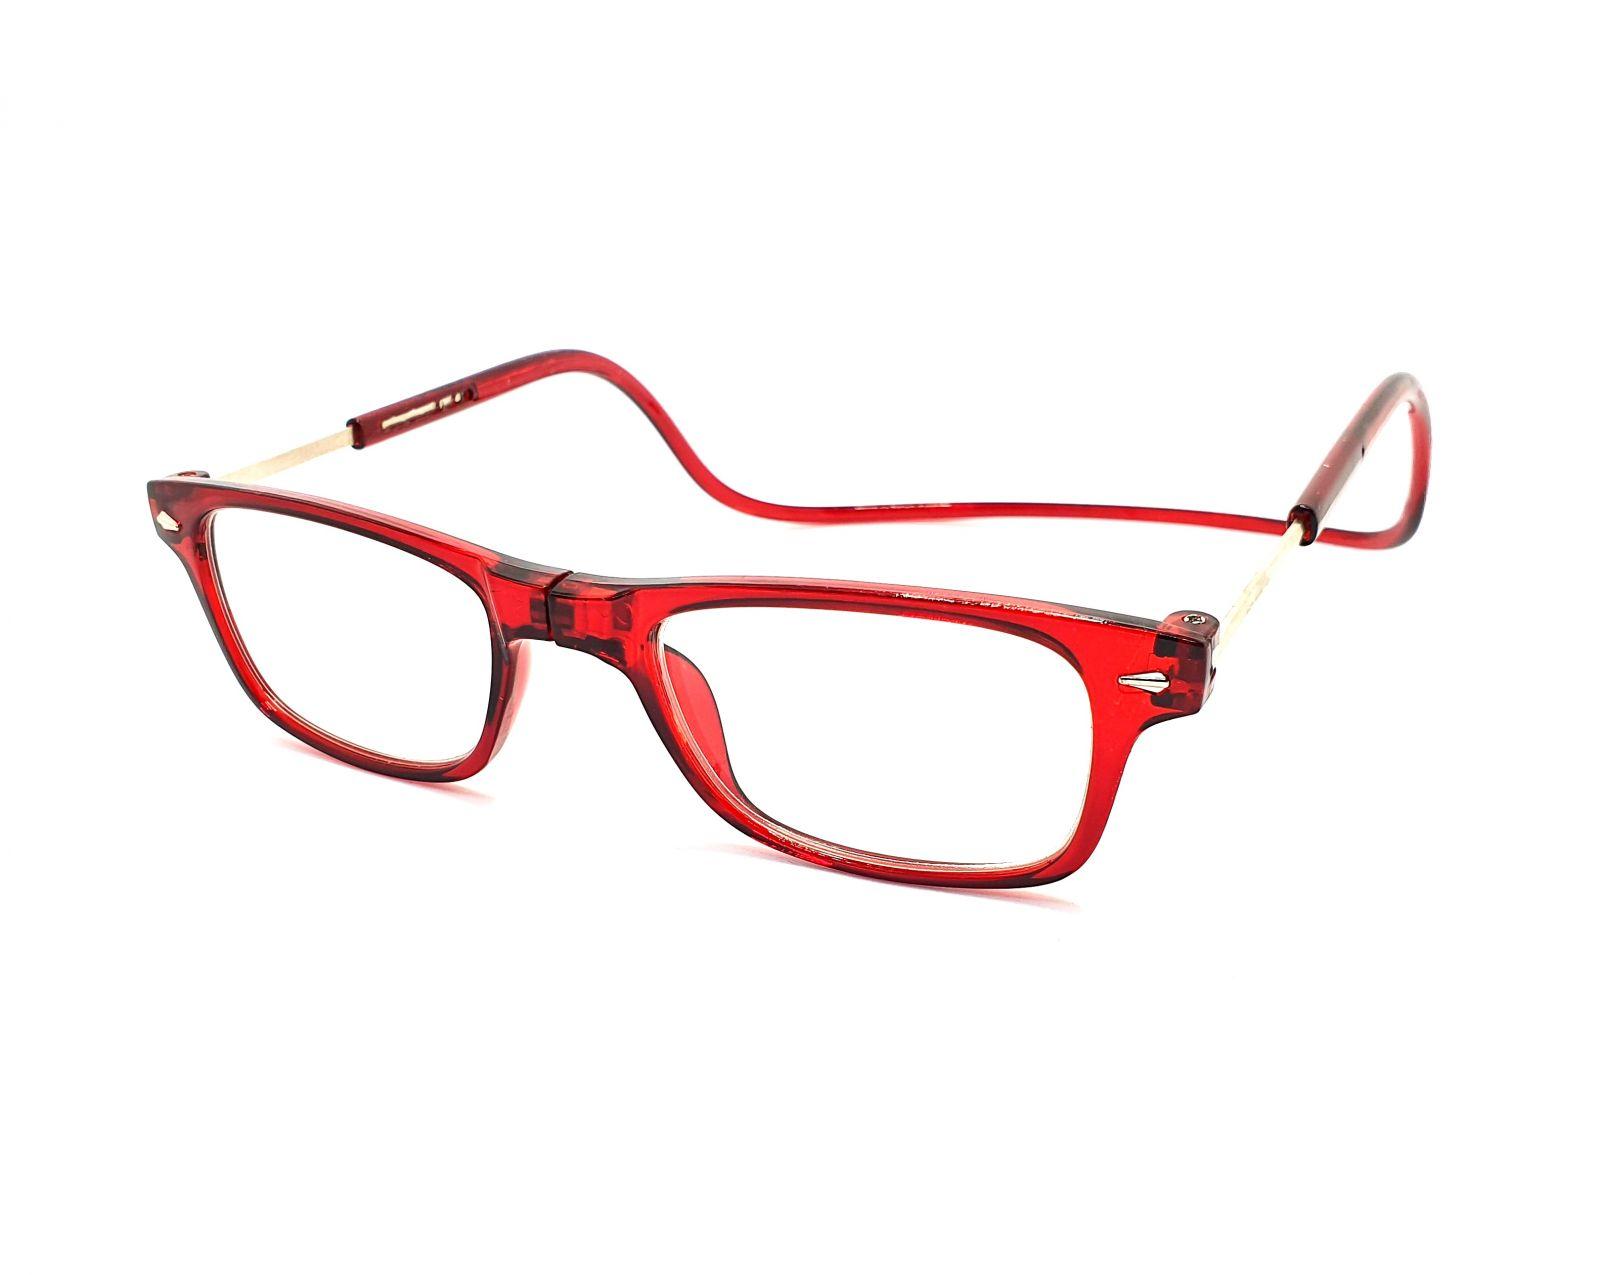 Dioptrické brýle na čtení s magnetem A015 +1,00 - červené obroučky